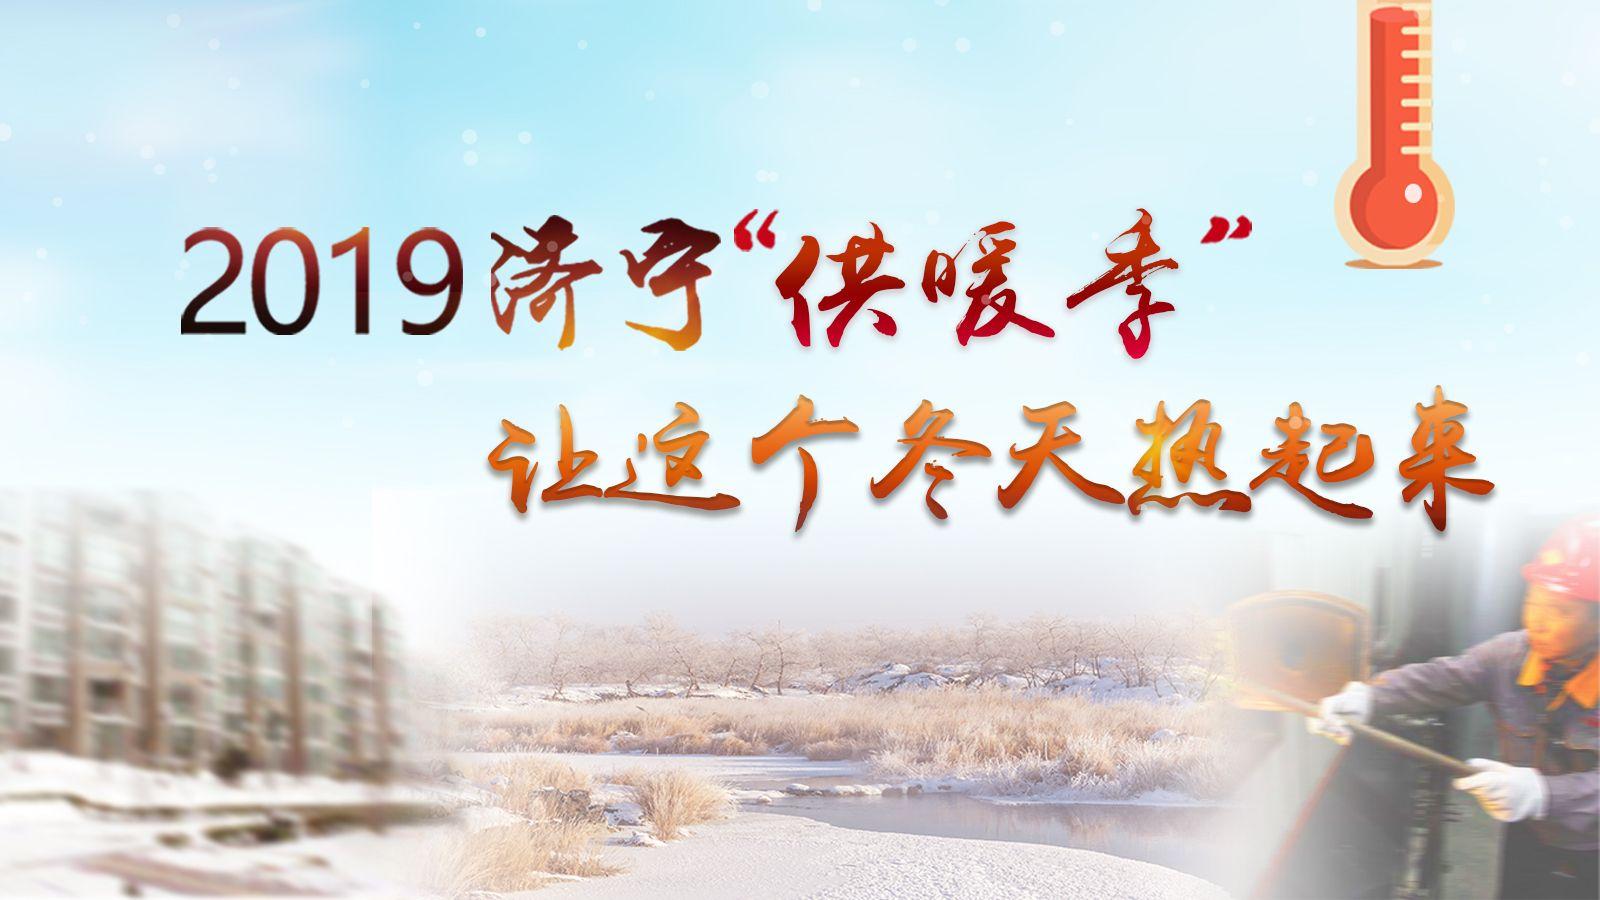 2019济宁供暖季——让这个冬天热起来